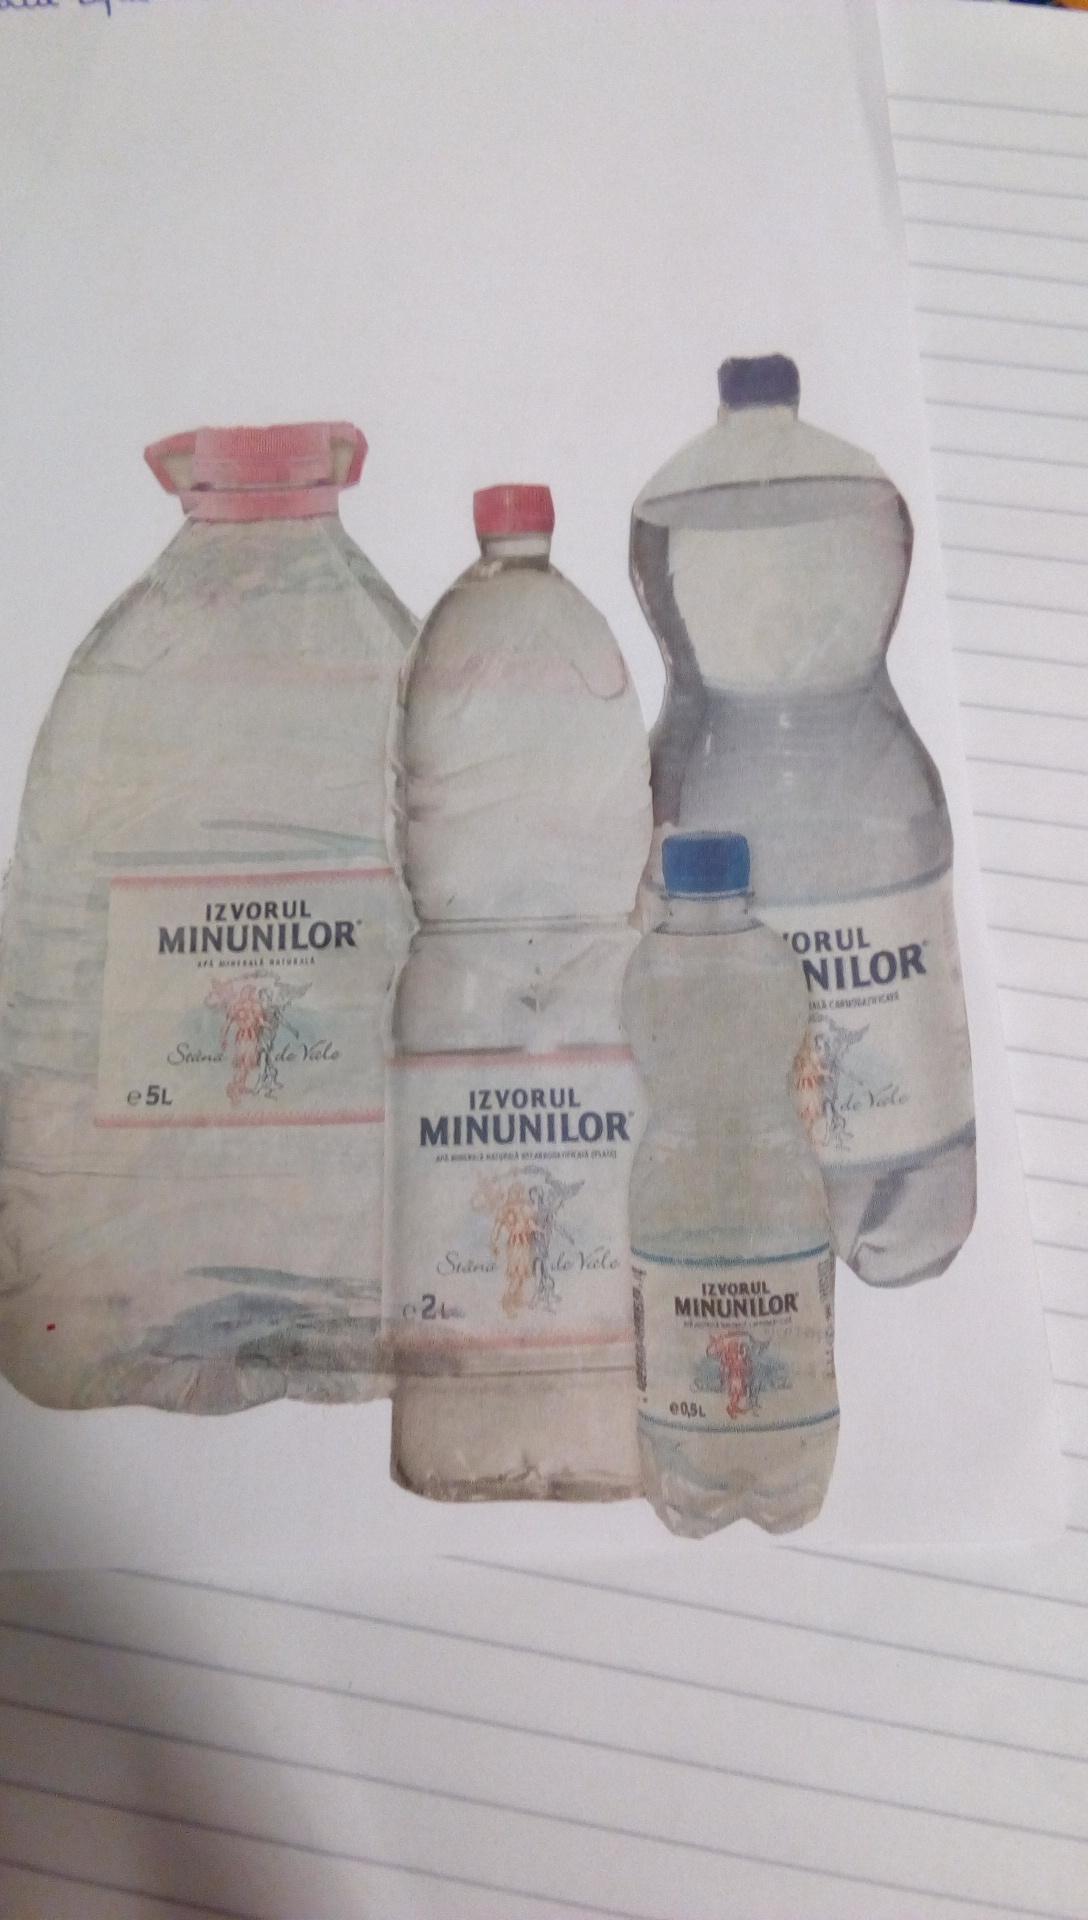 aplicatie de baut apa